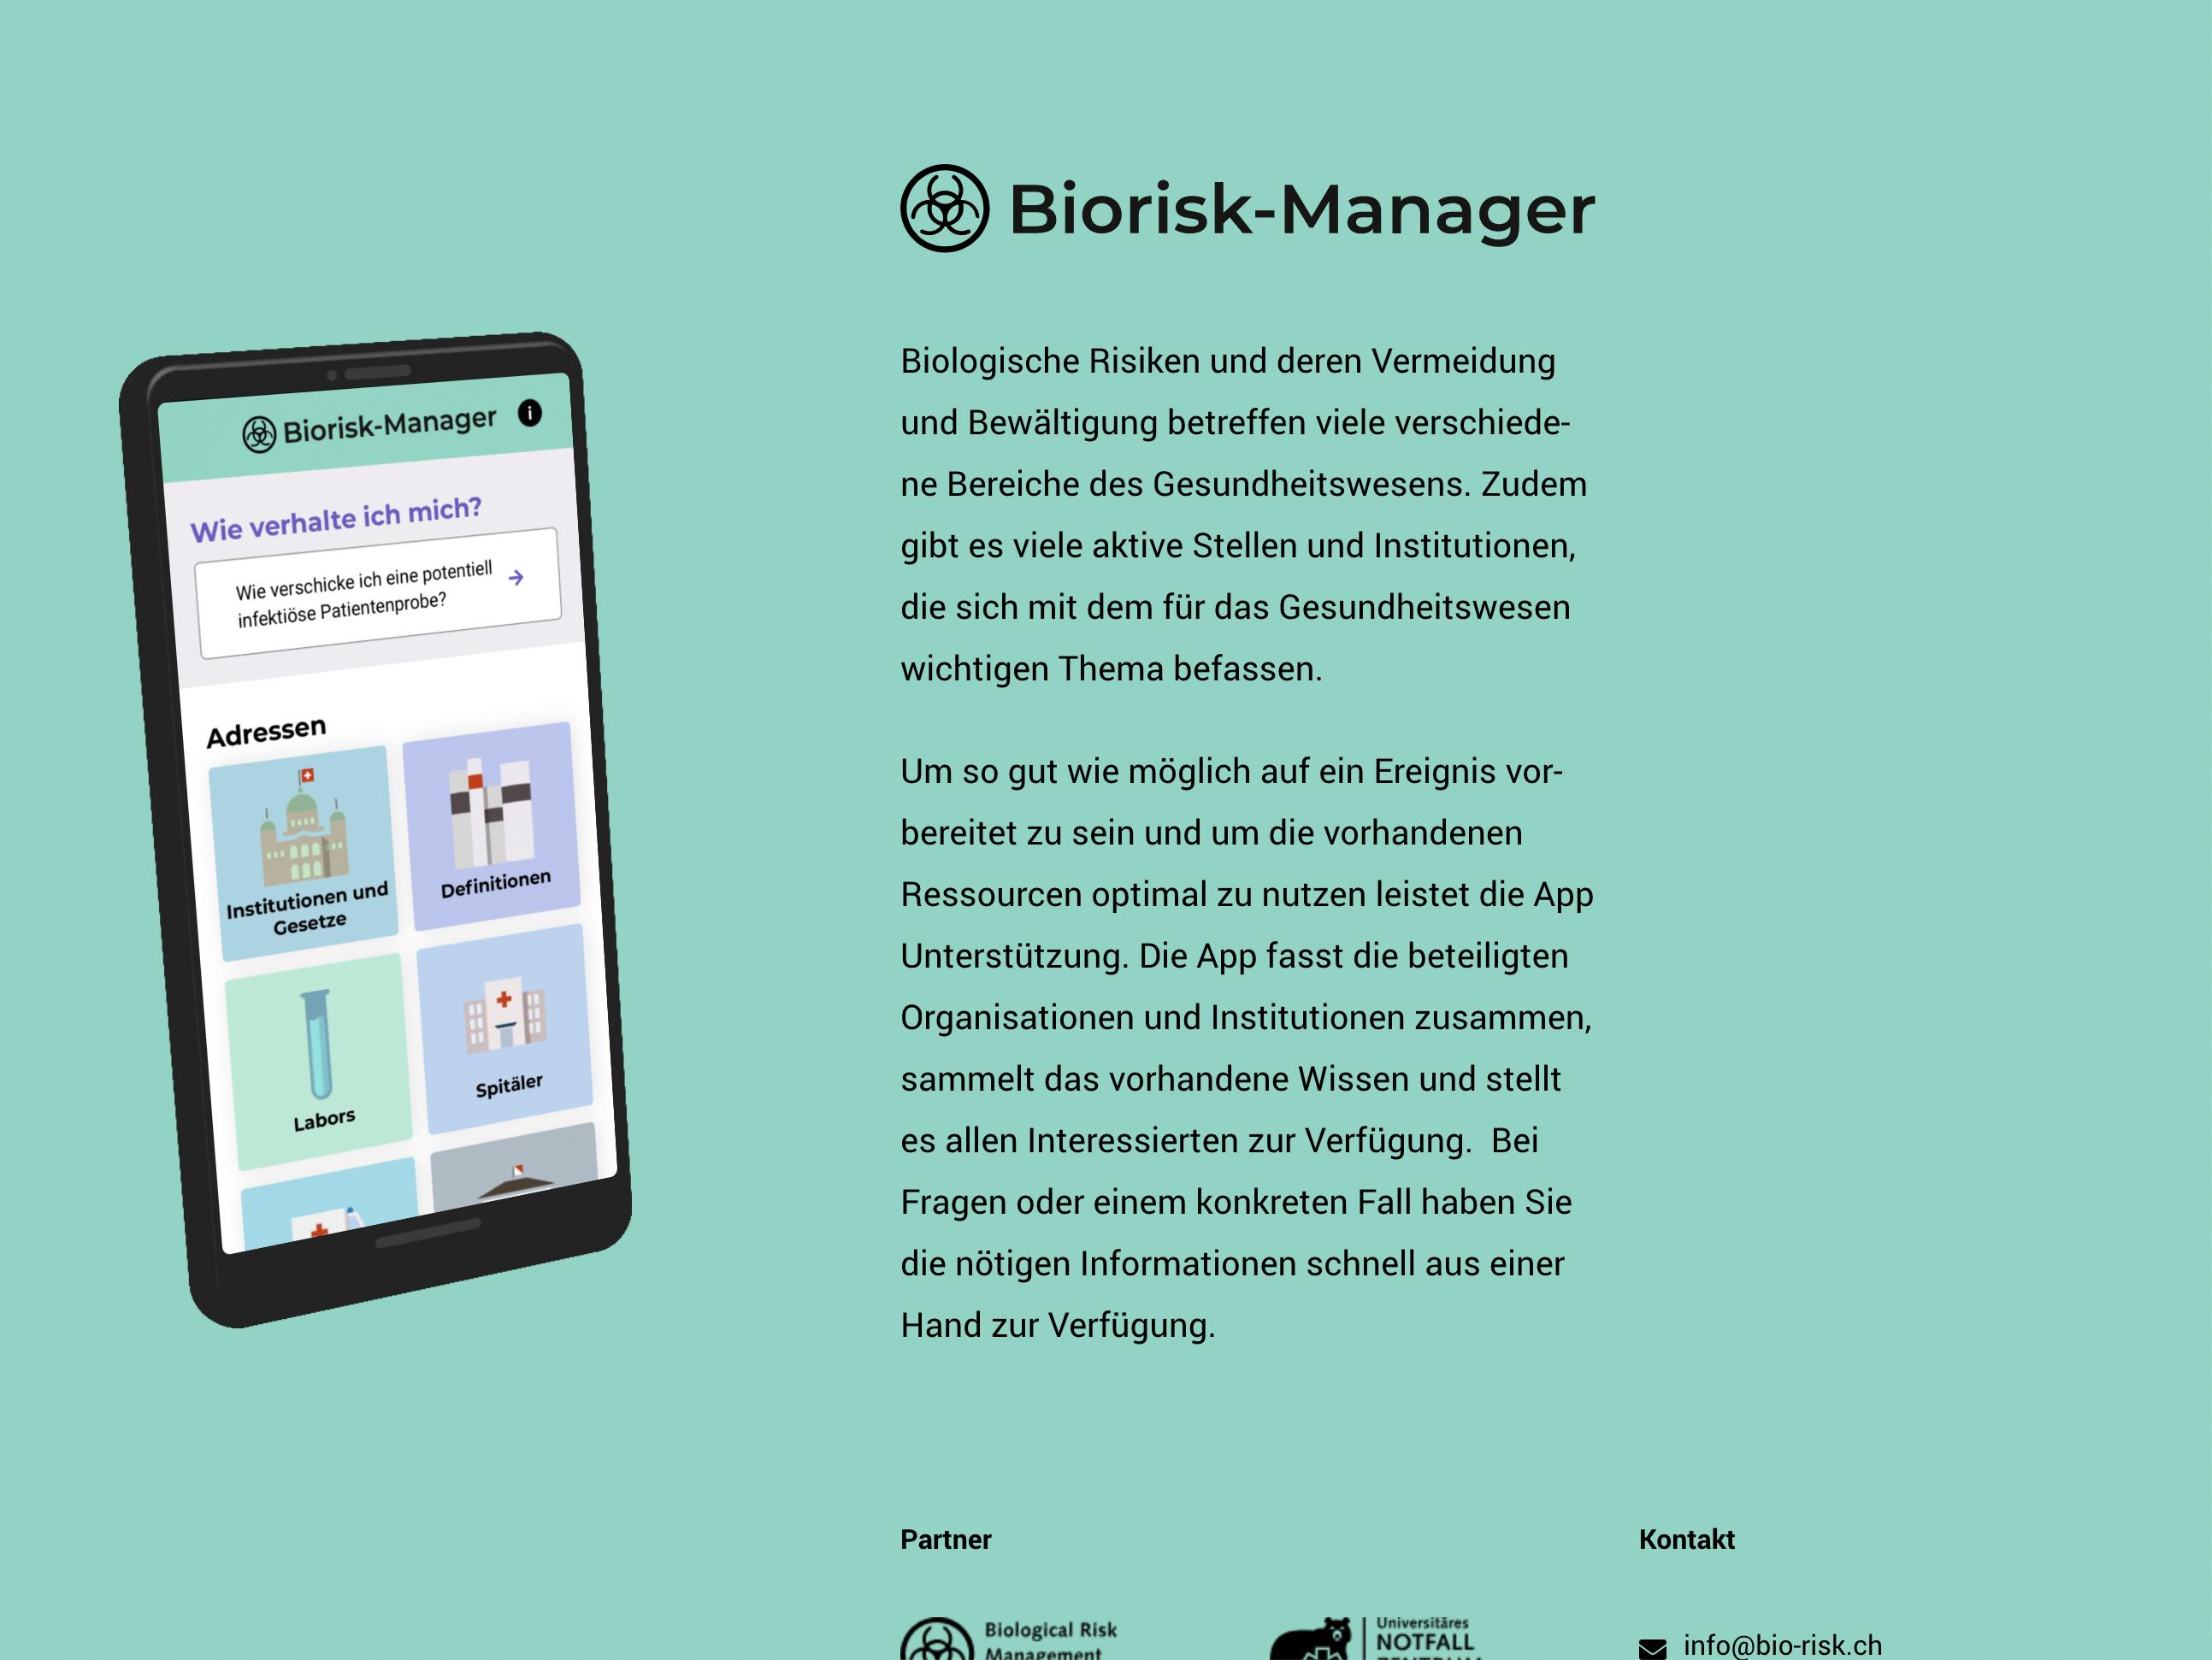 Biorisk Manager